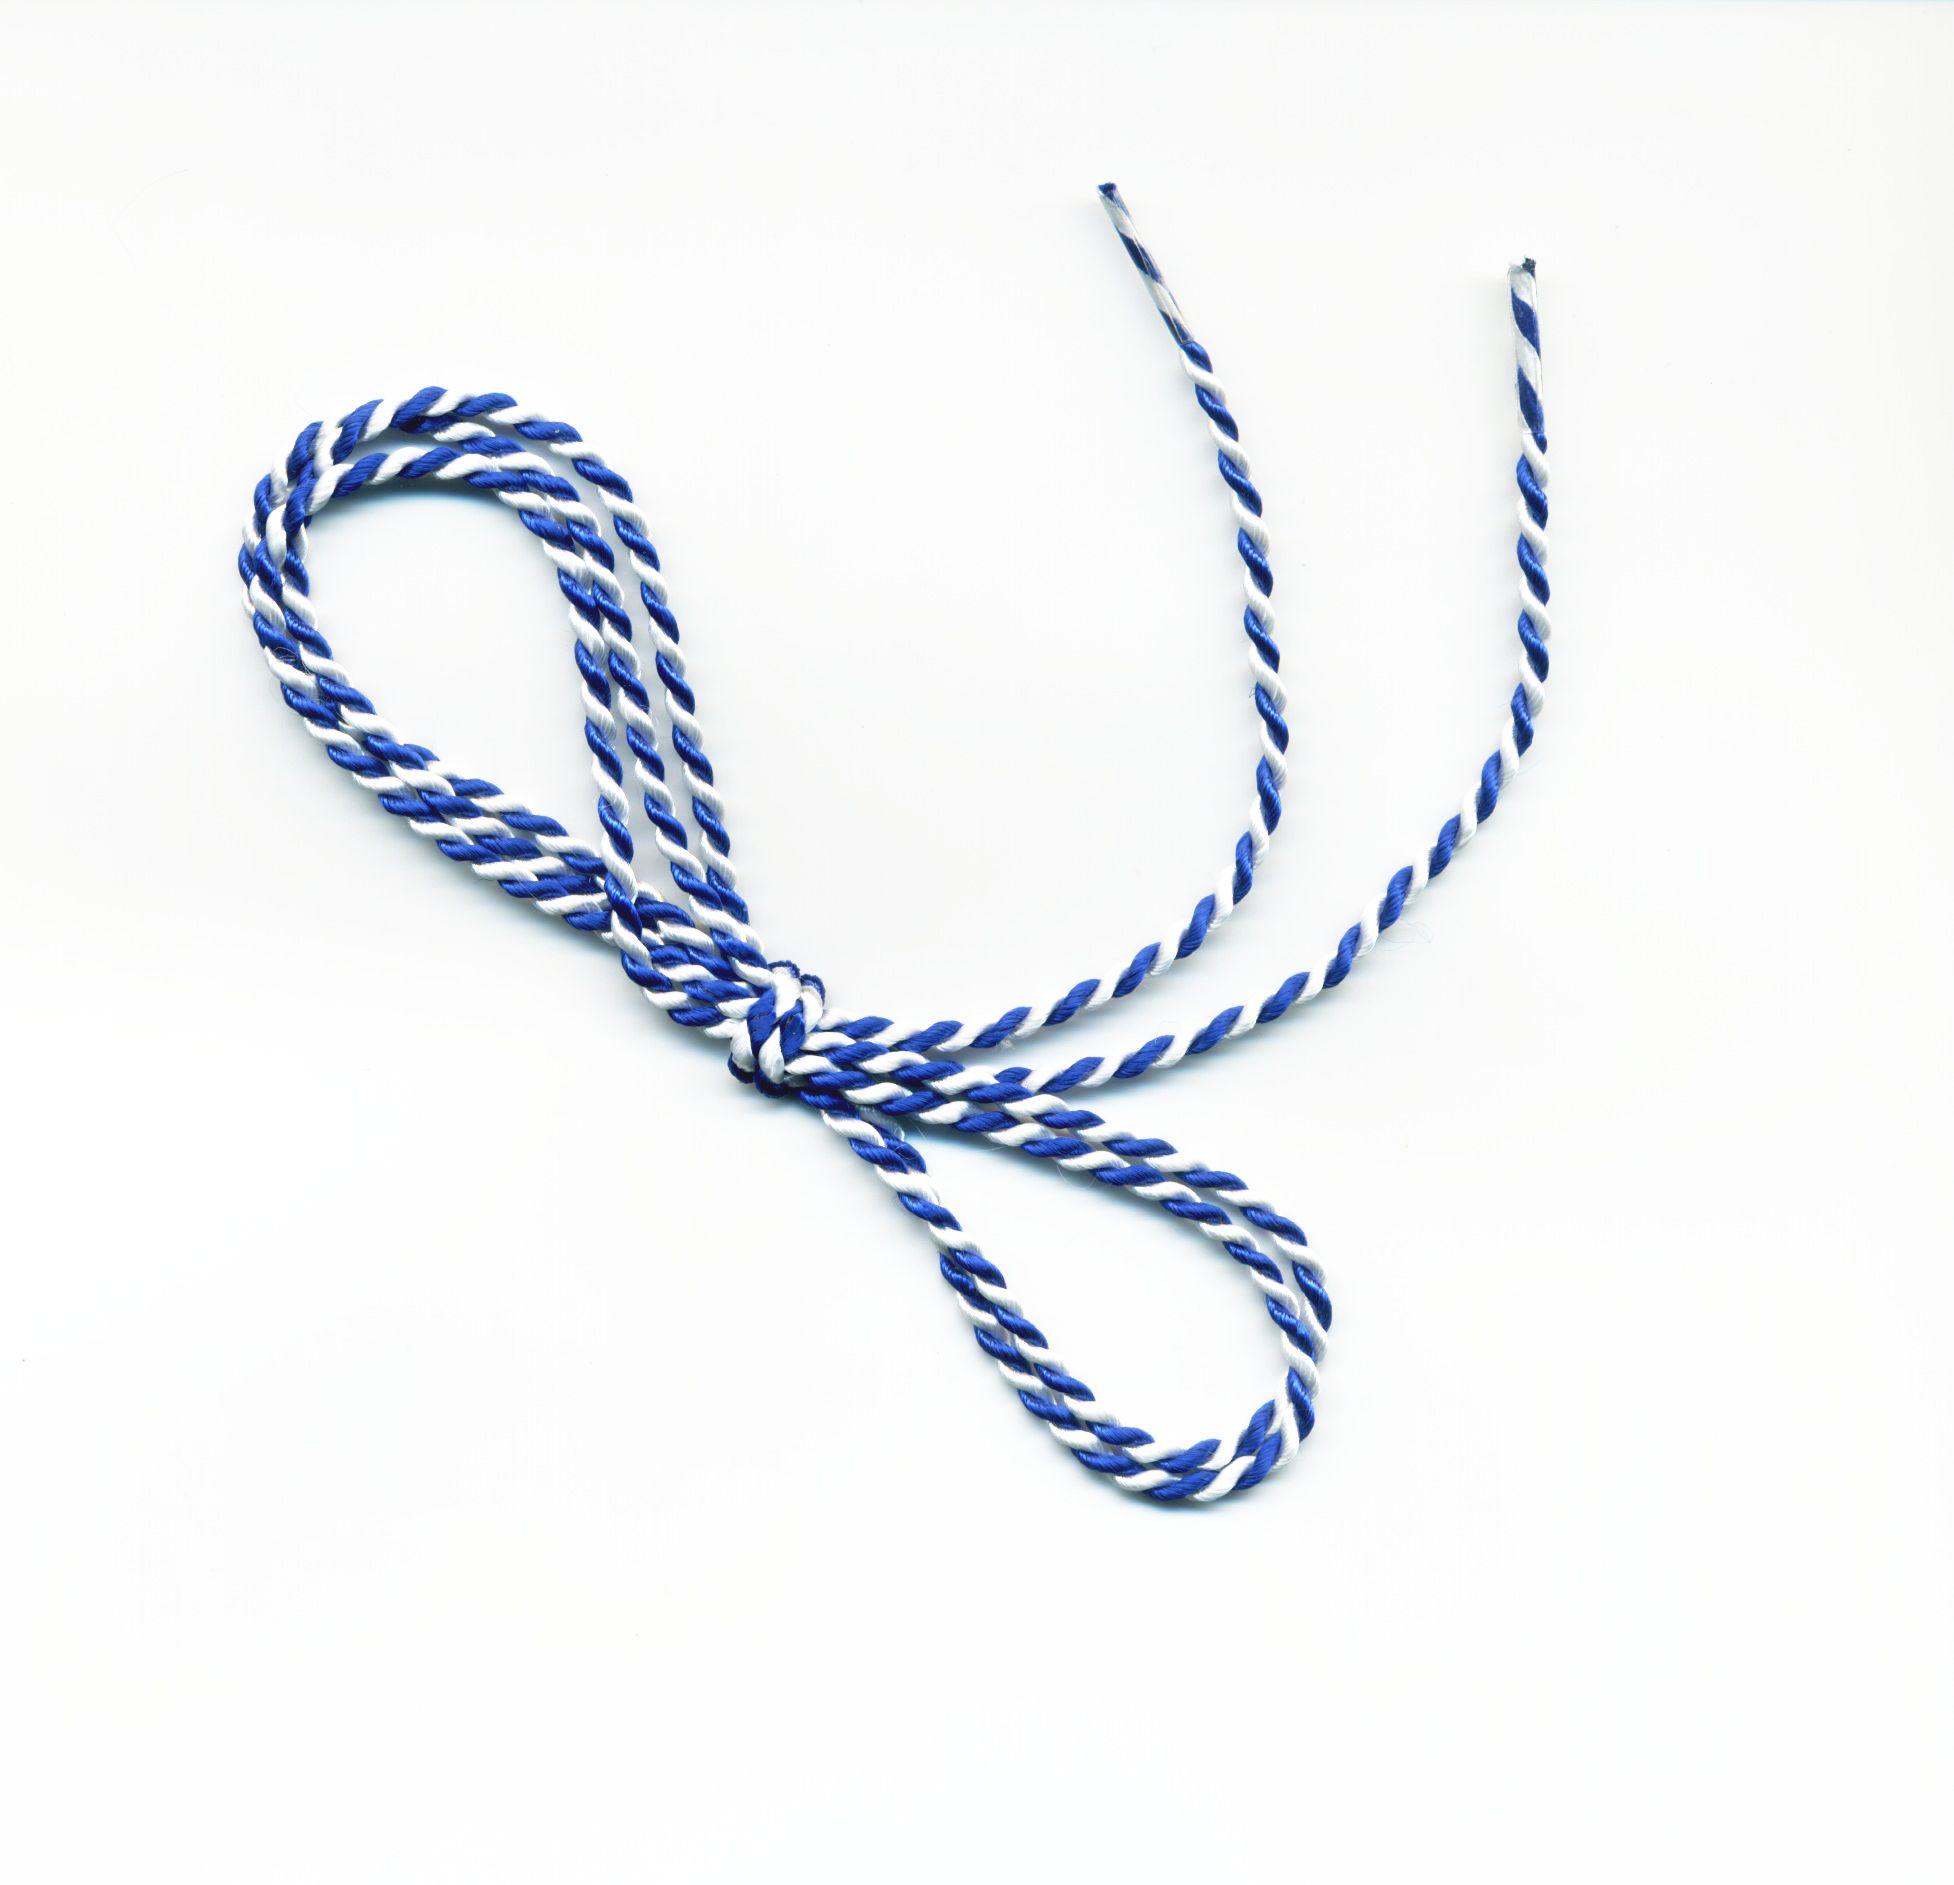 Kordel Blau/Weiß